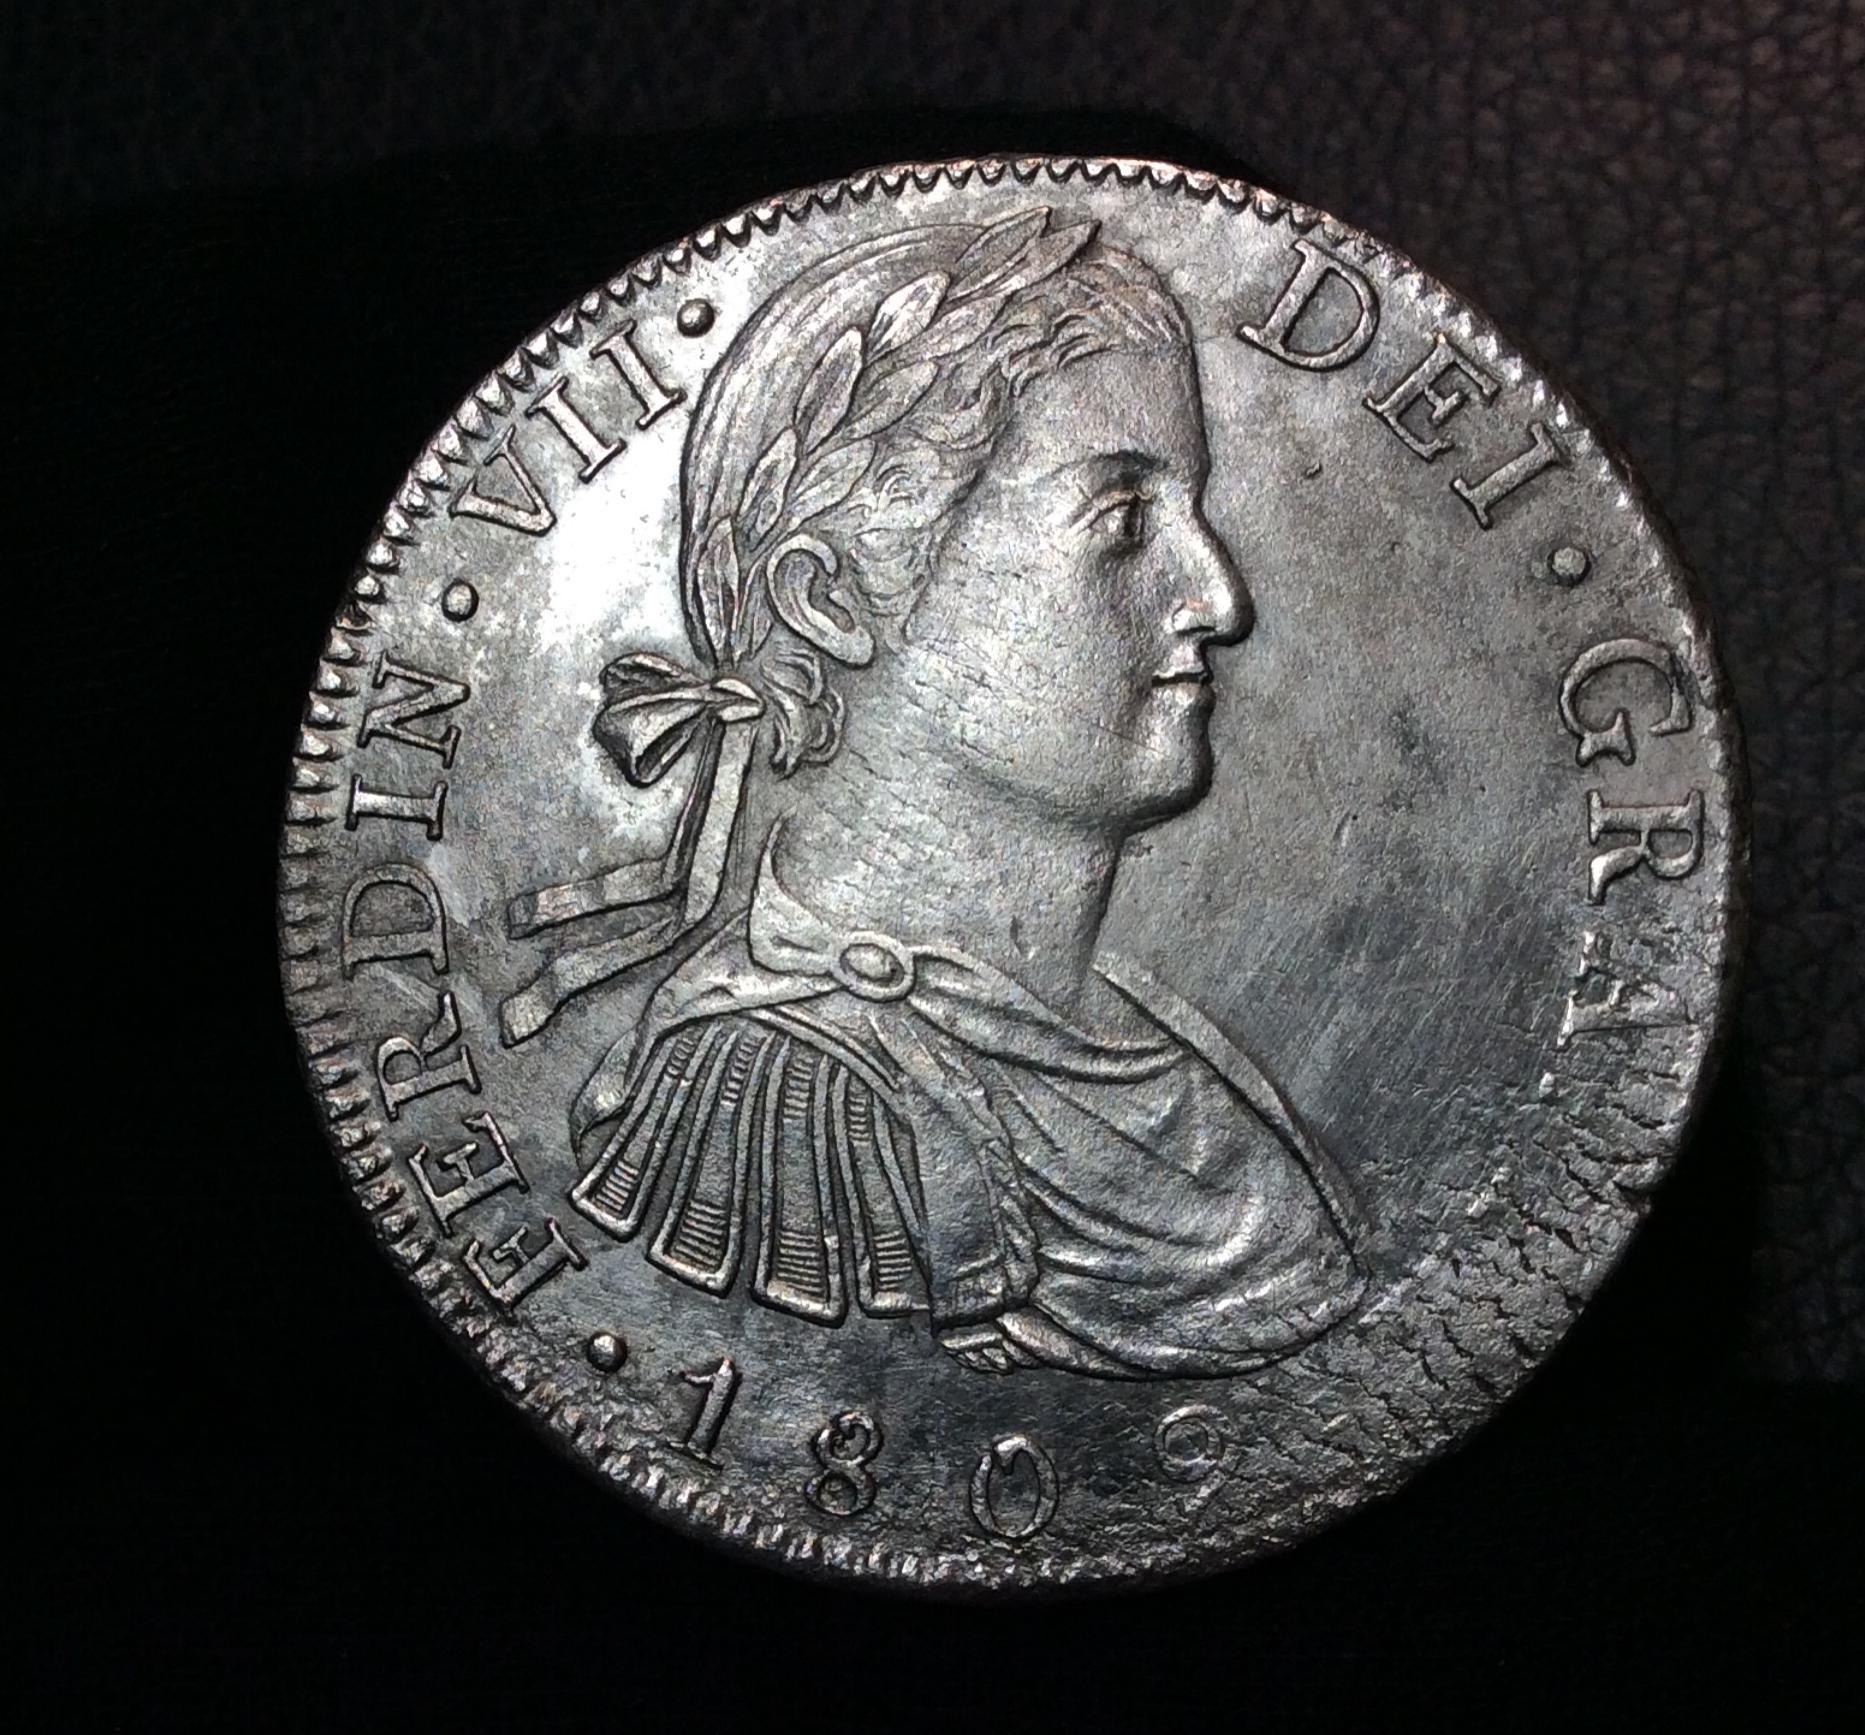 """8 REALES 1809 - BUSTO IMAGINARIO - MEXICO - FERNANDO VII - """"DÍGITOS DE FECHA SEPARADOS"""""""